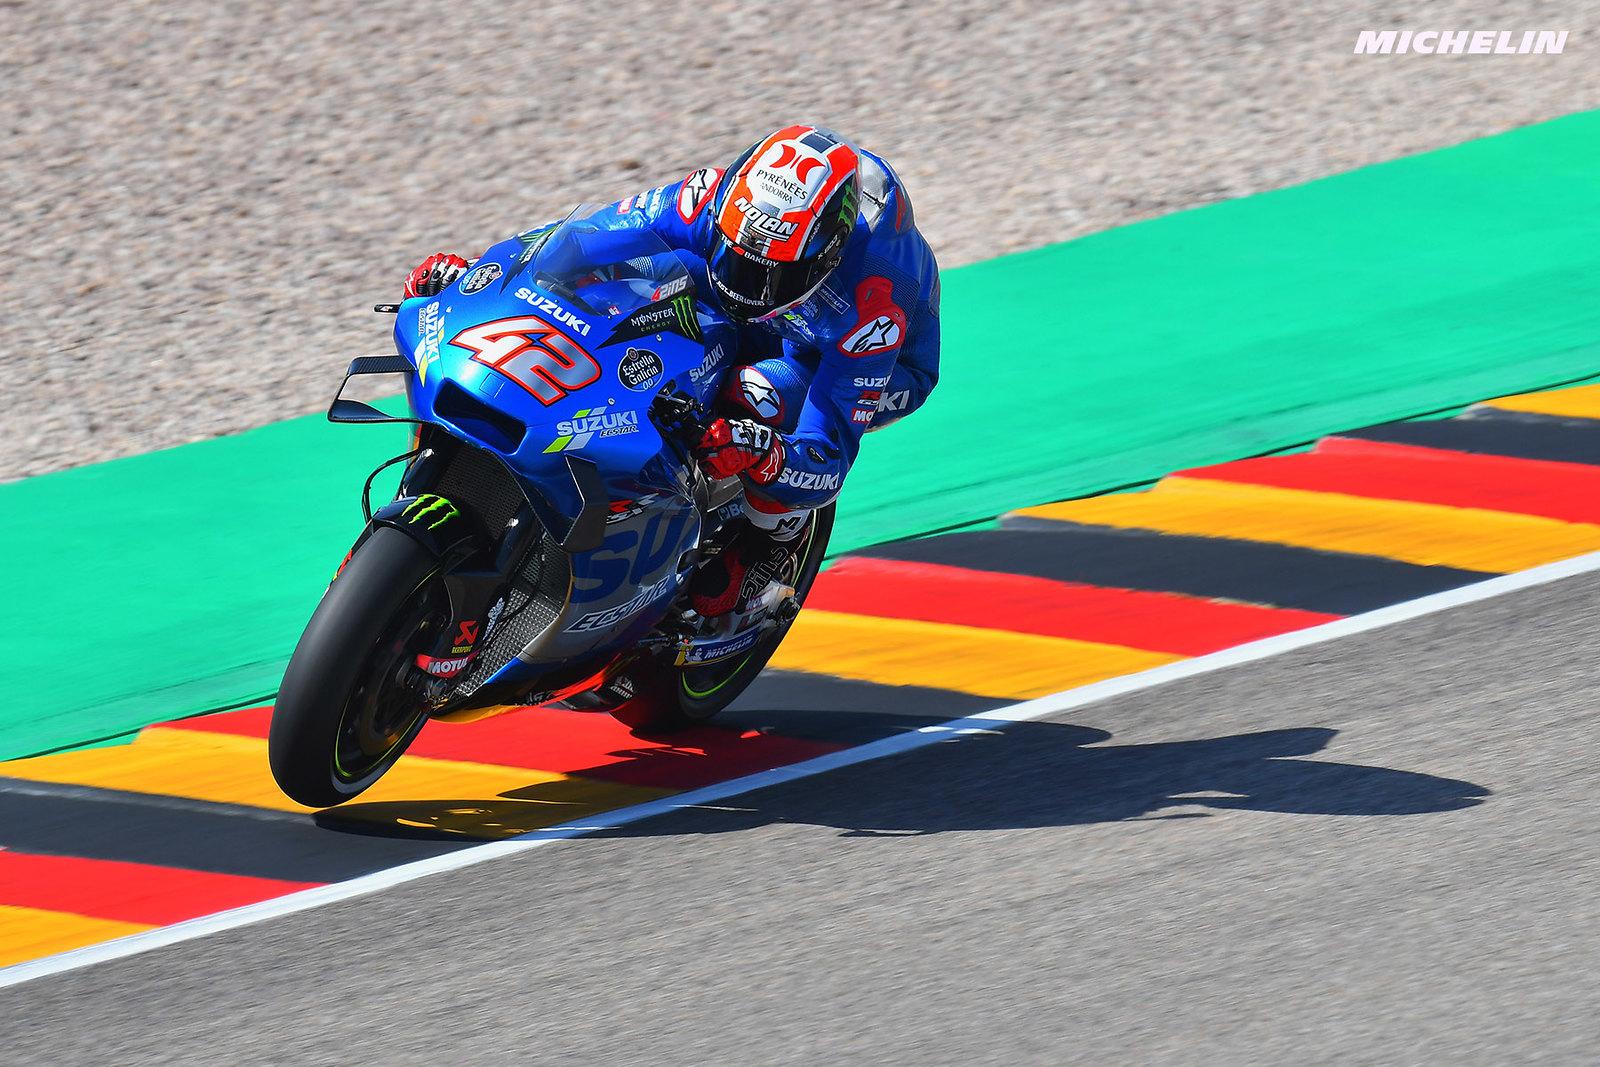 MotoGP2021 ドイツGP 初日総合4位 アレックス・リンス「4番手タイムには驚いた」